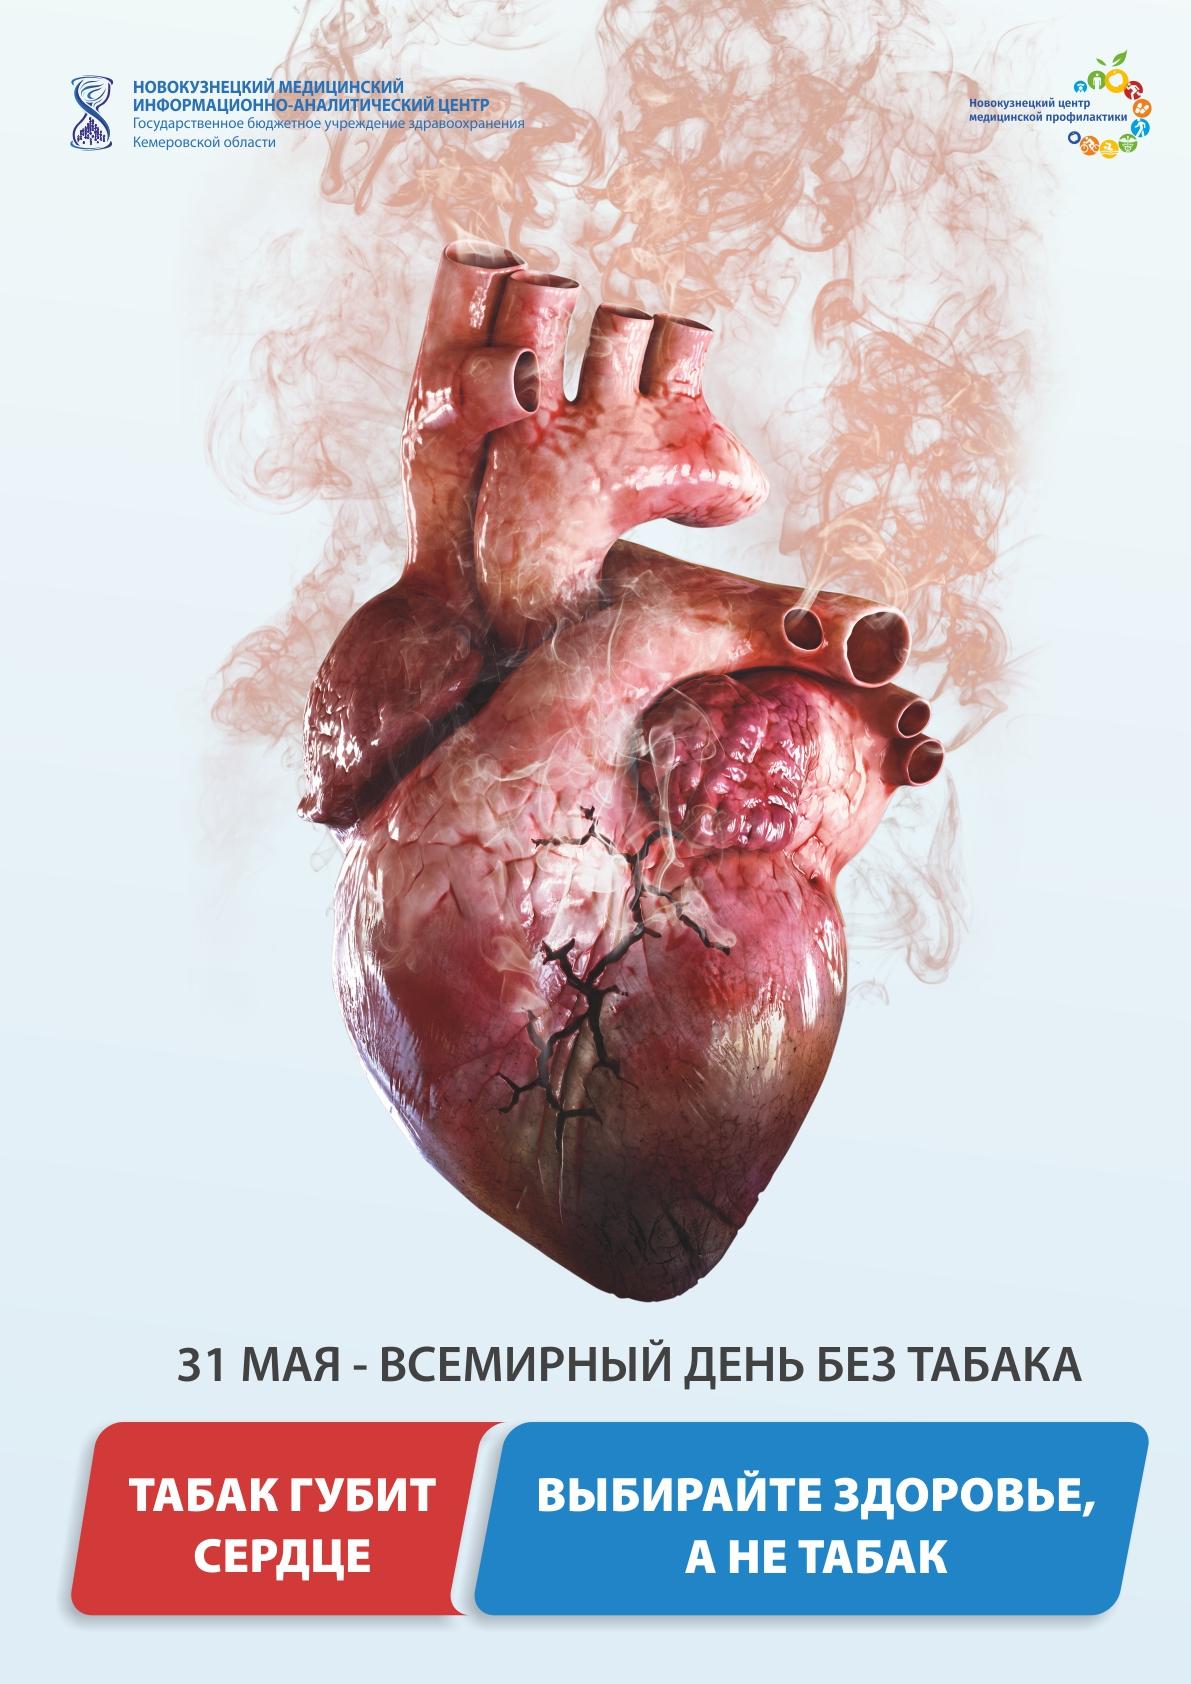 Plakat-otkaz-ot-kurenia